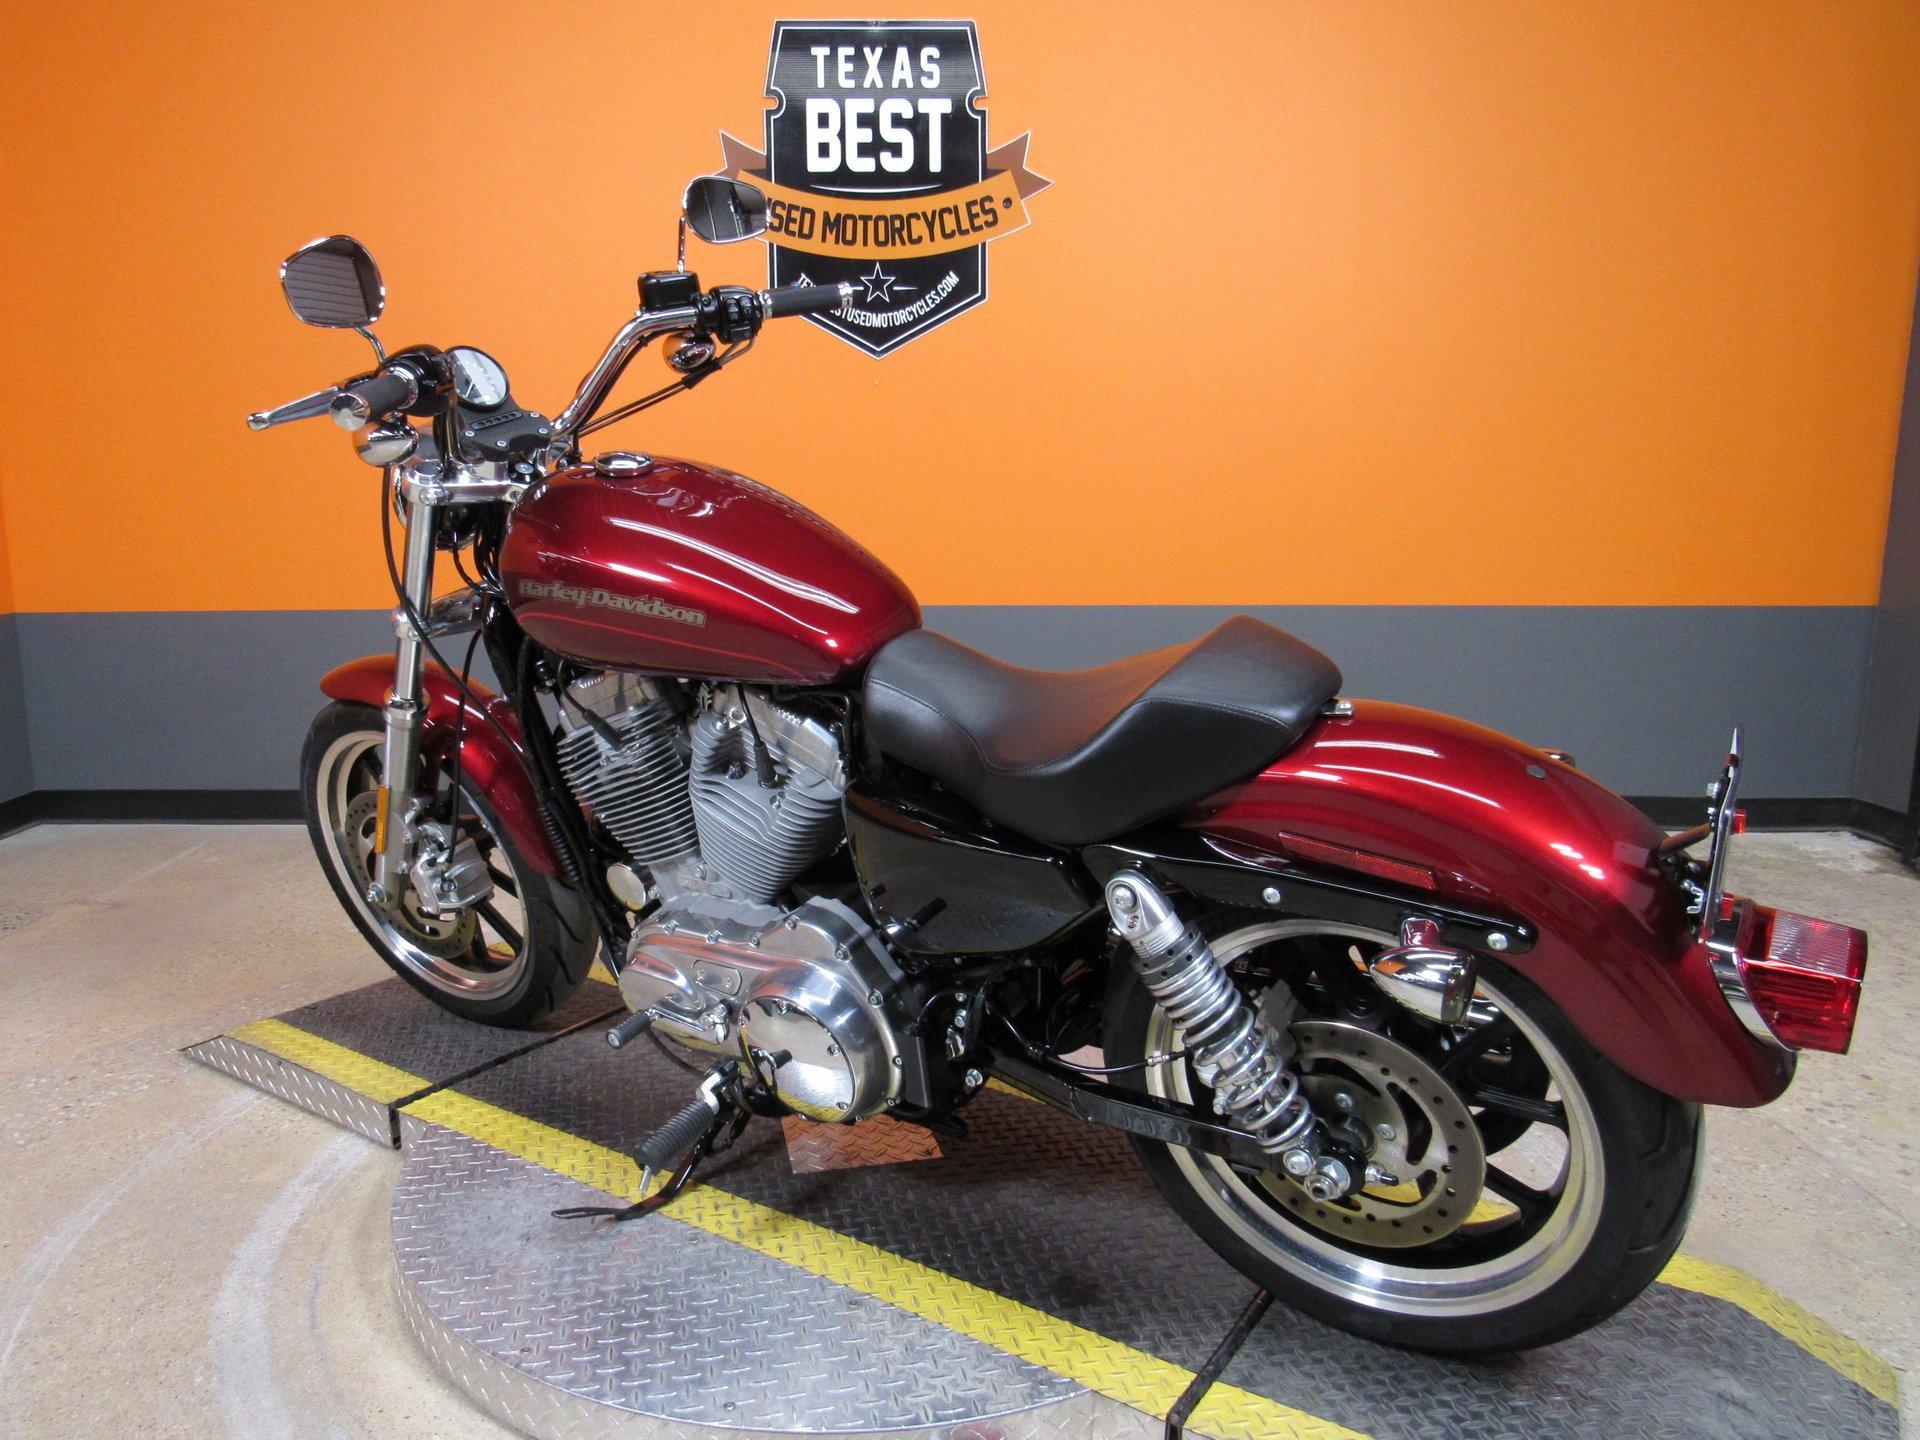 2016 Harley-Davidson Sportster 883 SuperLow - XL883L for